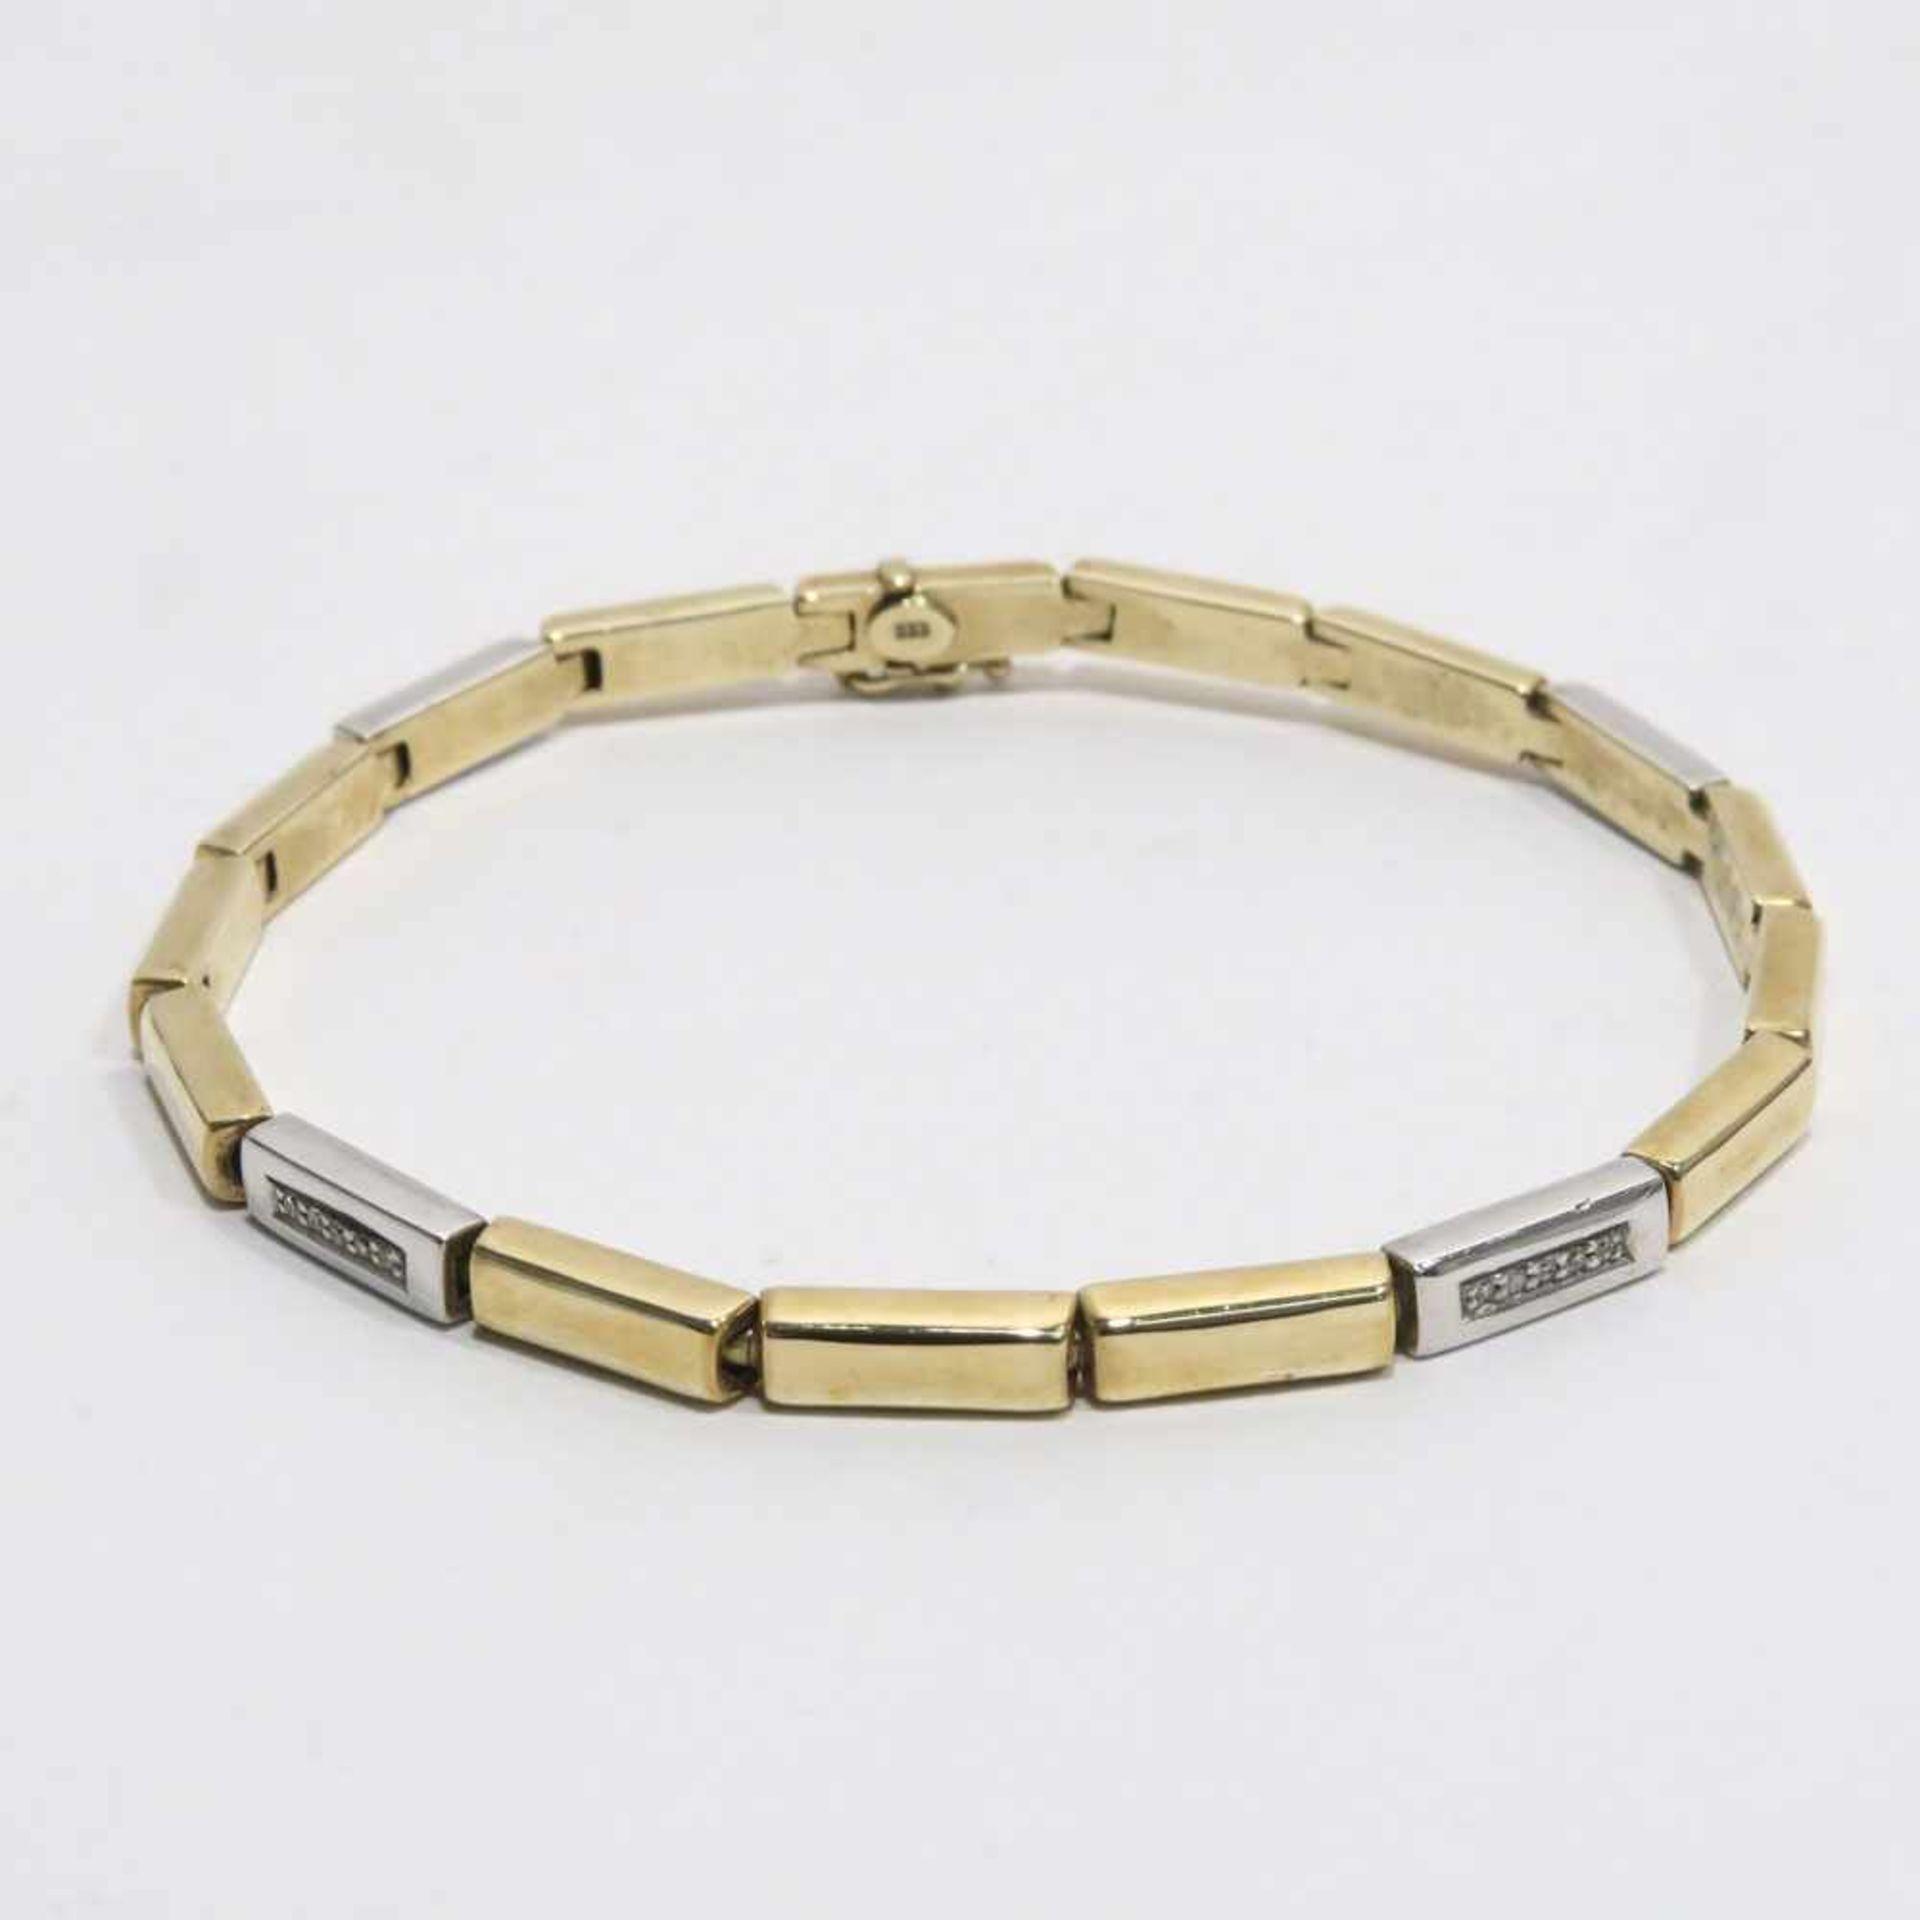 Los 57 - Armband8 K GG und WG, Marke (333). Vier WG-Glieder mit je fünf Kleindiamanten besetzt.